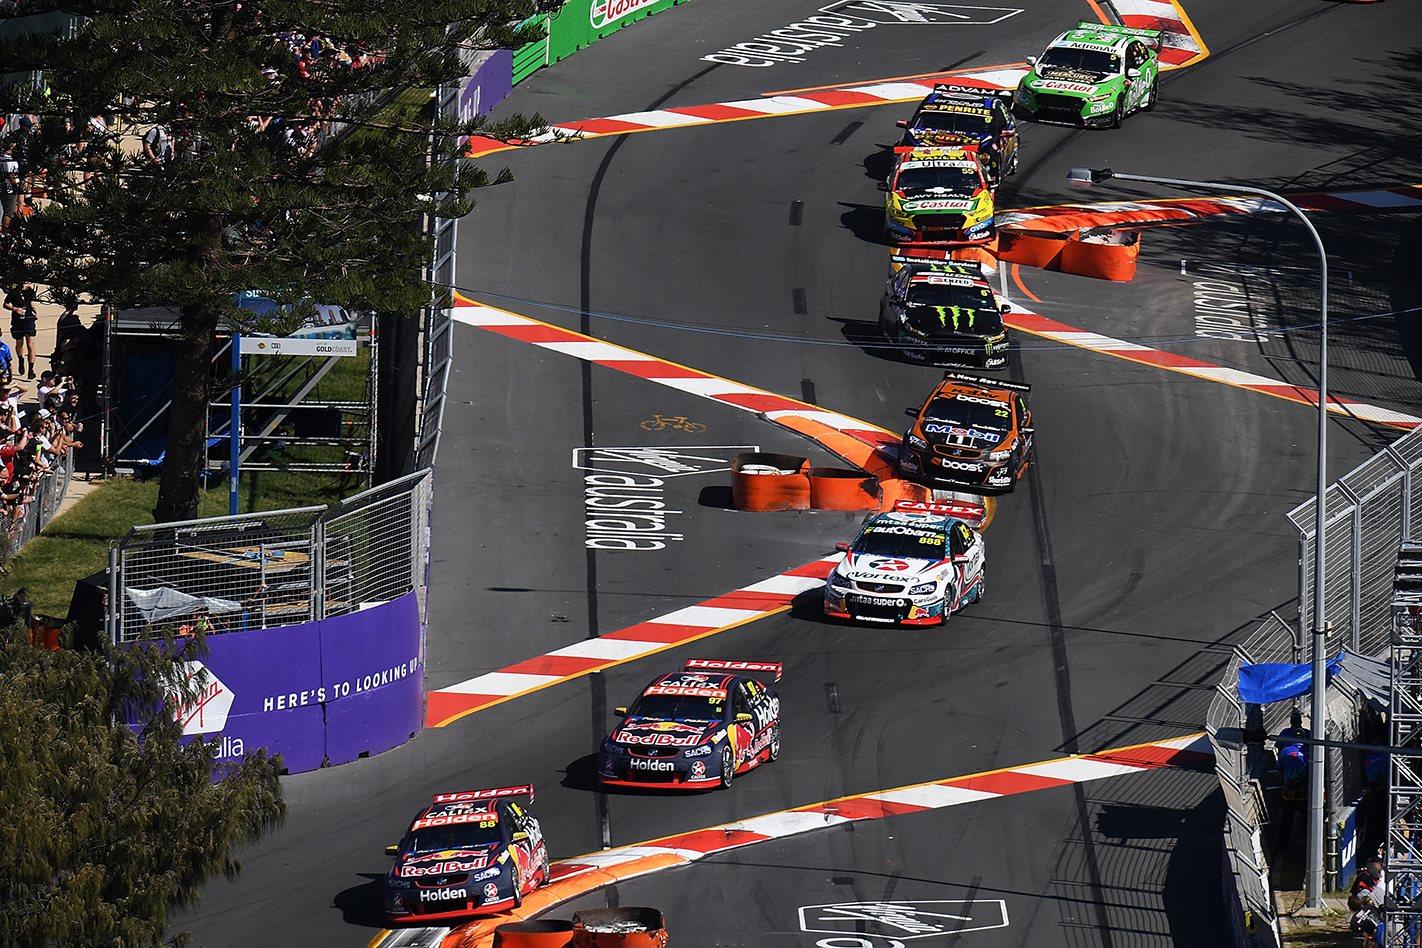 A NASCAR újra bepróbálkozhat Ausztráliában